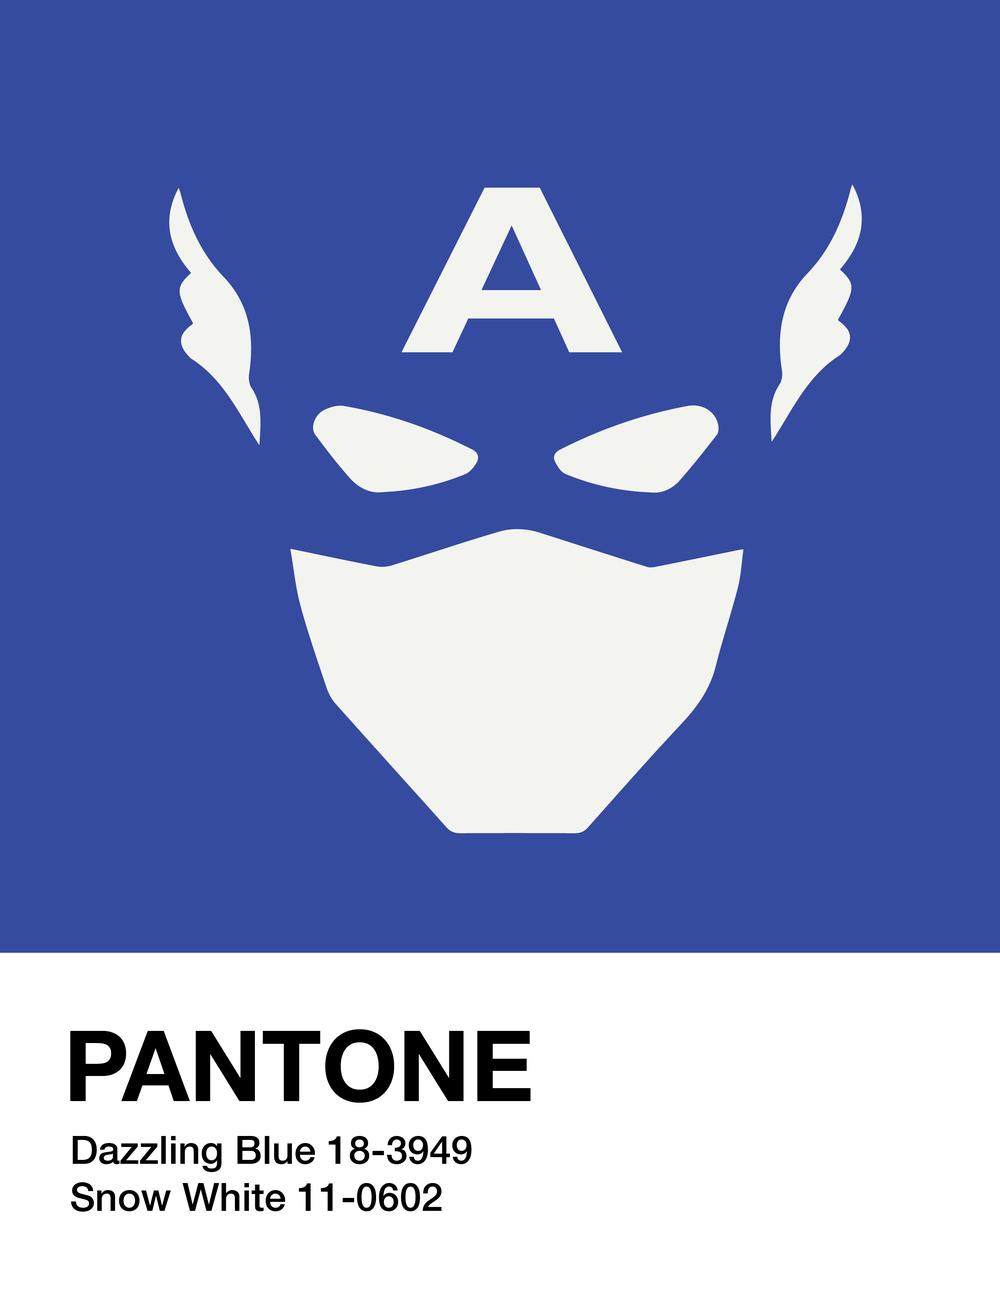 PANTONE-02.png